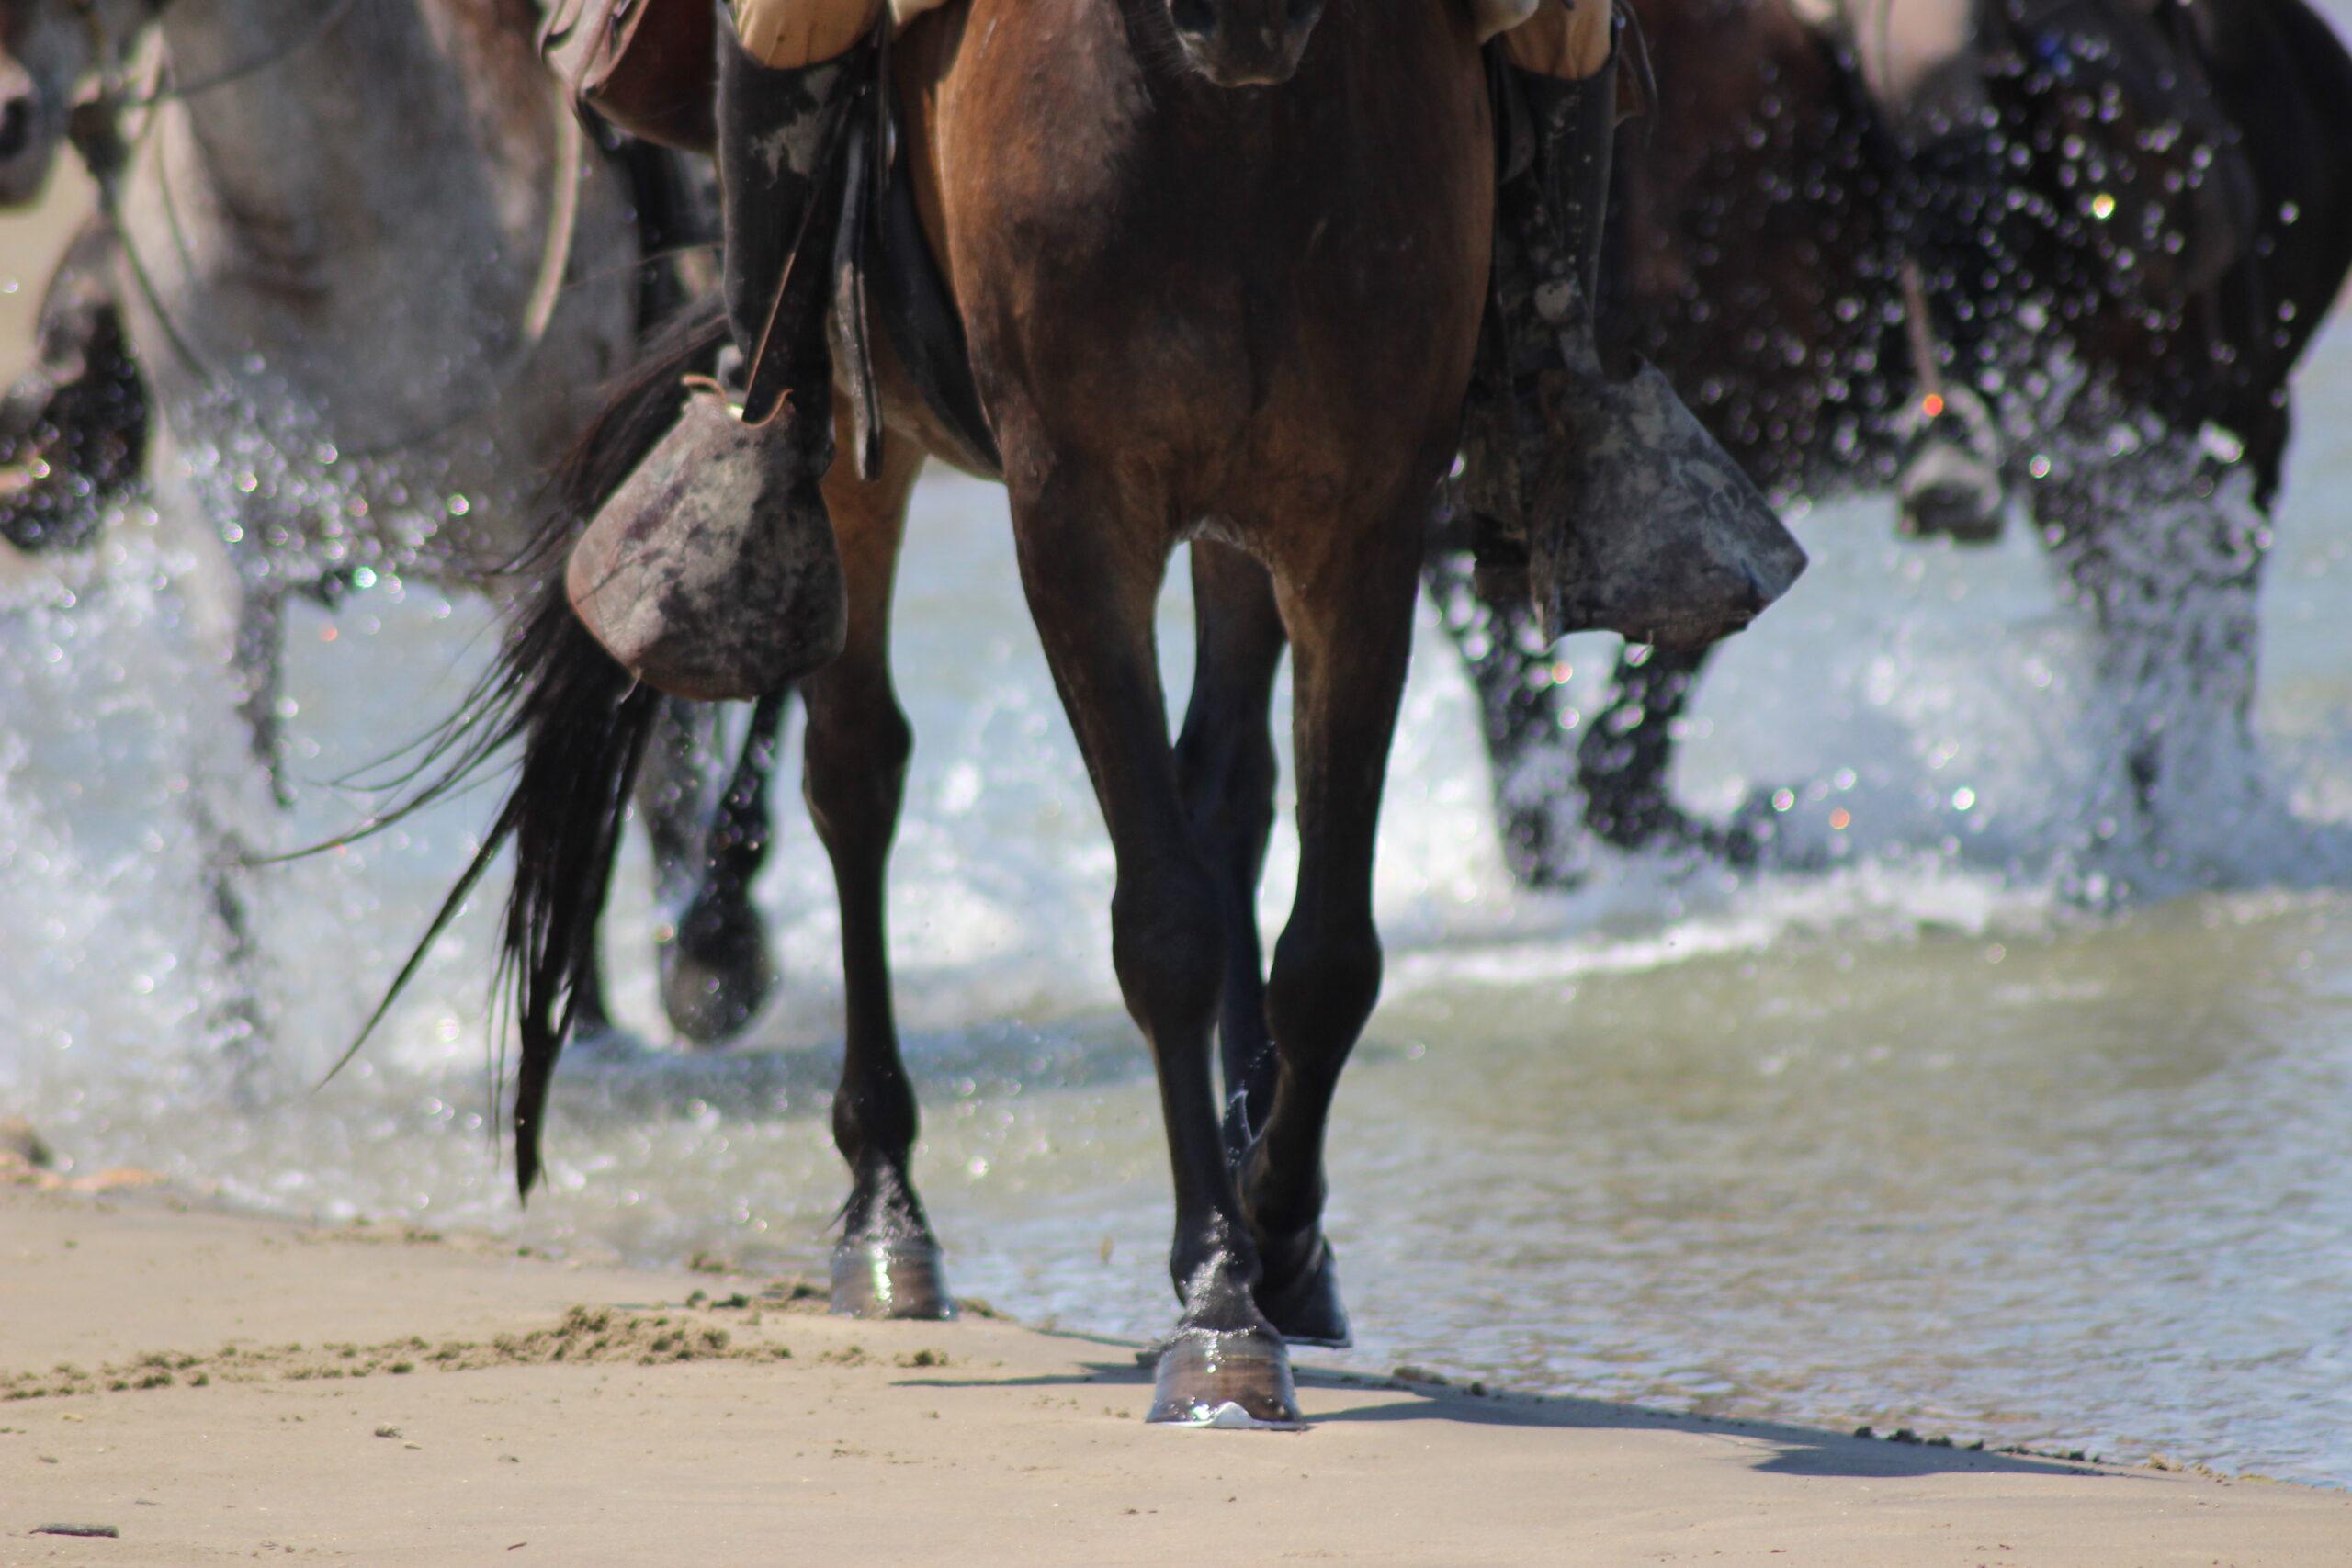 Ruitervakantie in de Provence - Vakantie te paard / Reisbureau Perlan